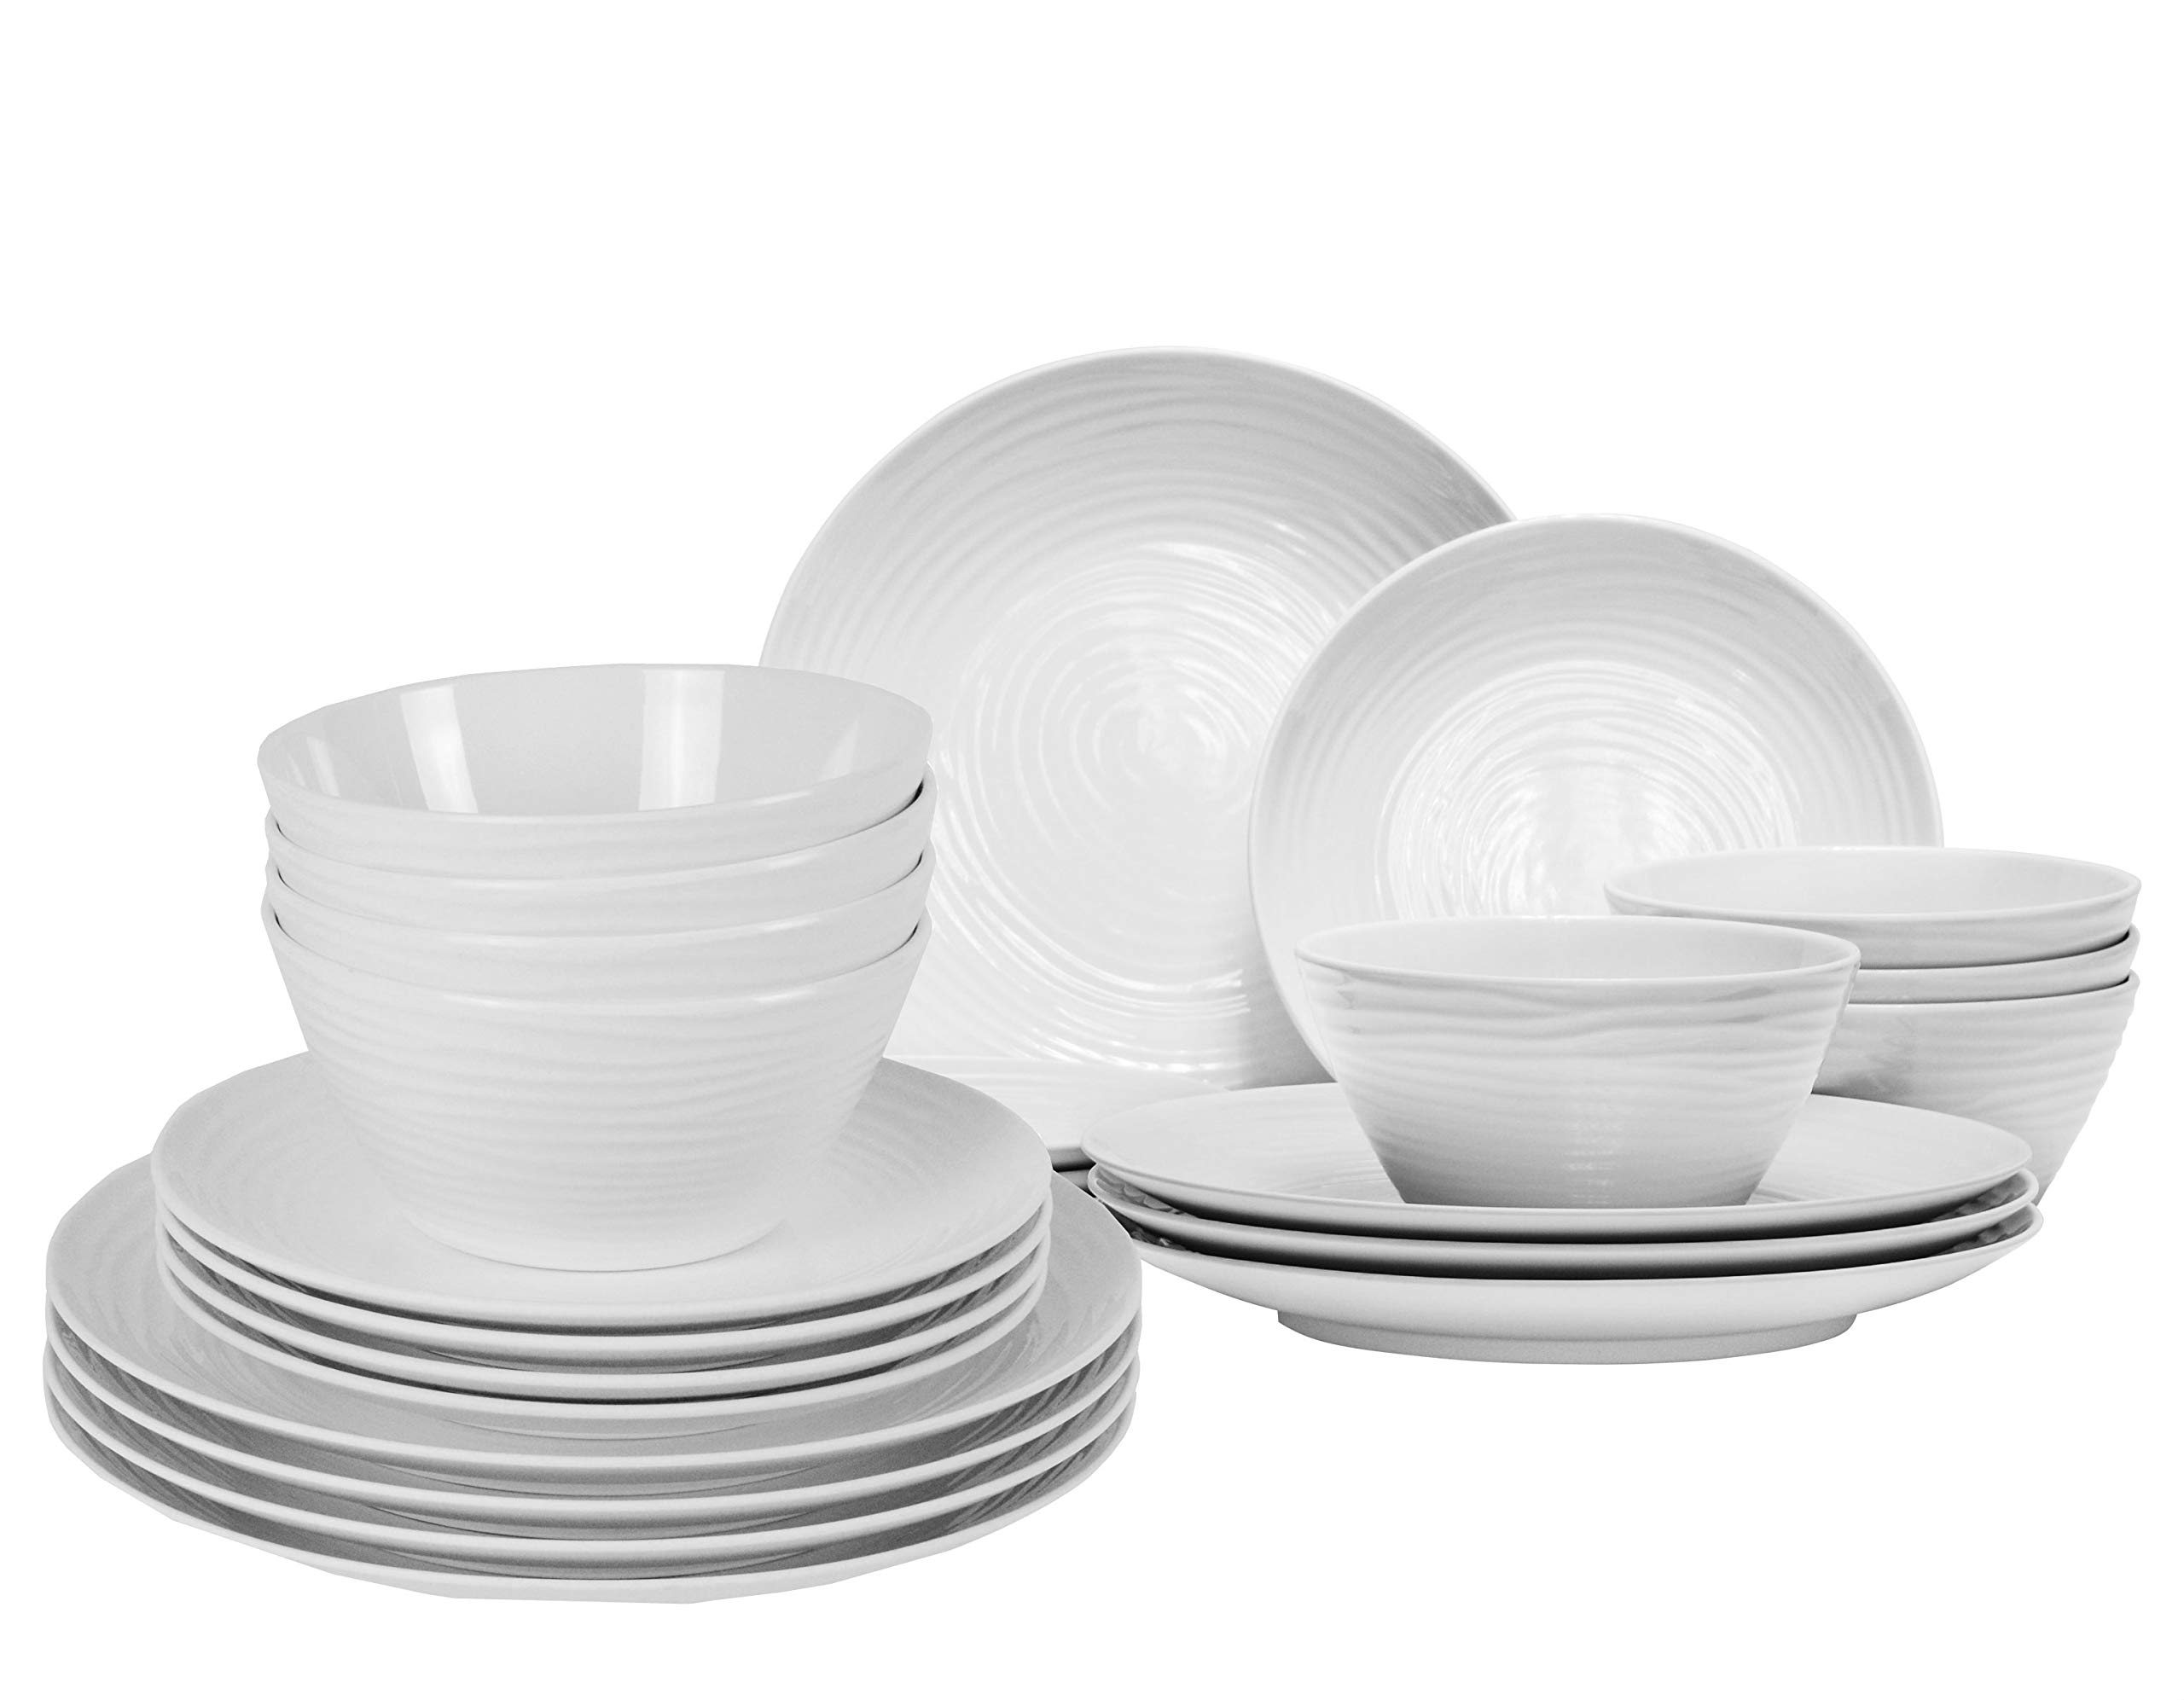 Parhoma White Melamine Home Dinnerware Set, 24-Piece Service 8 people